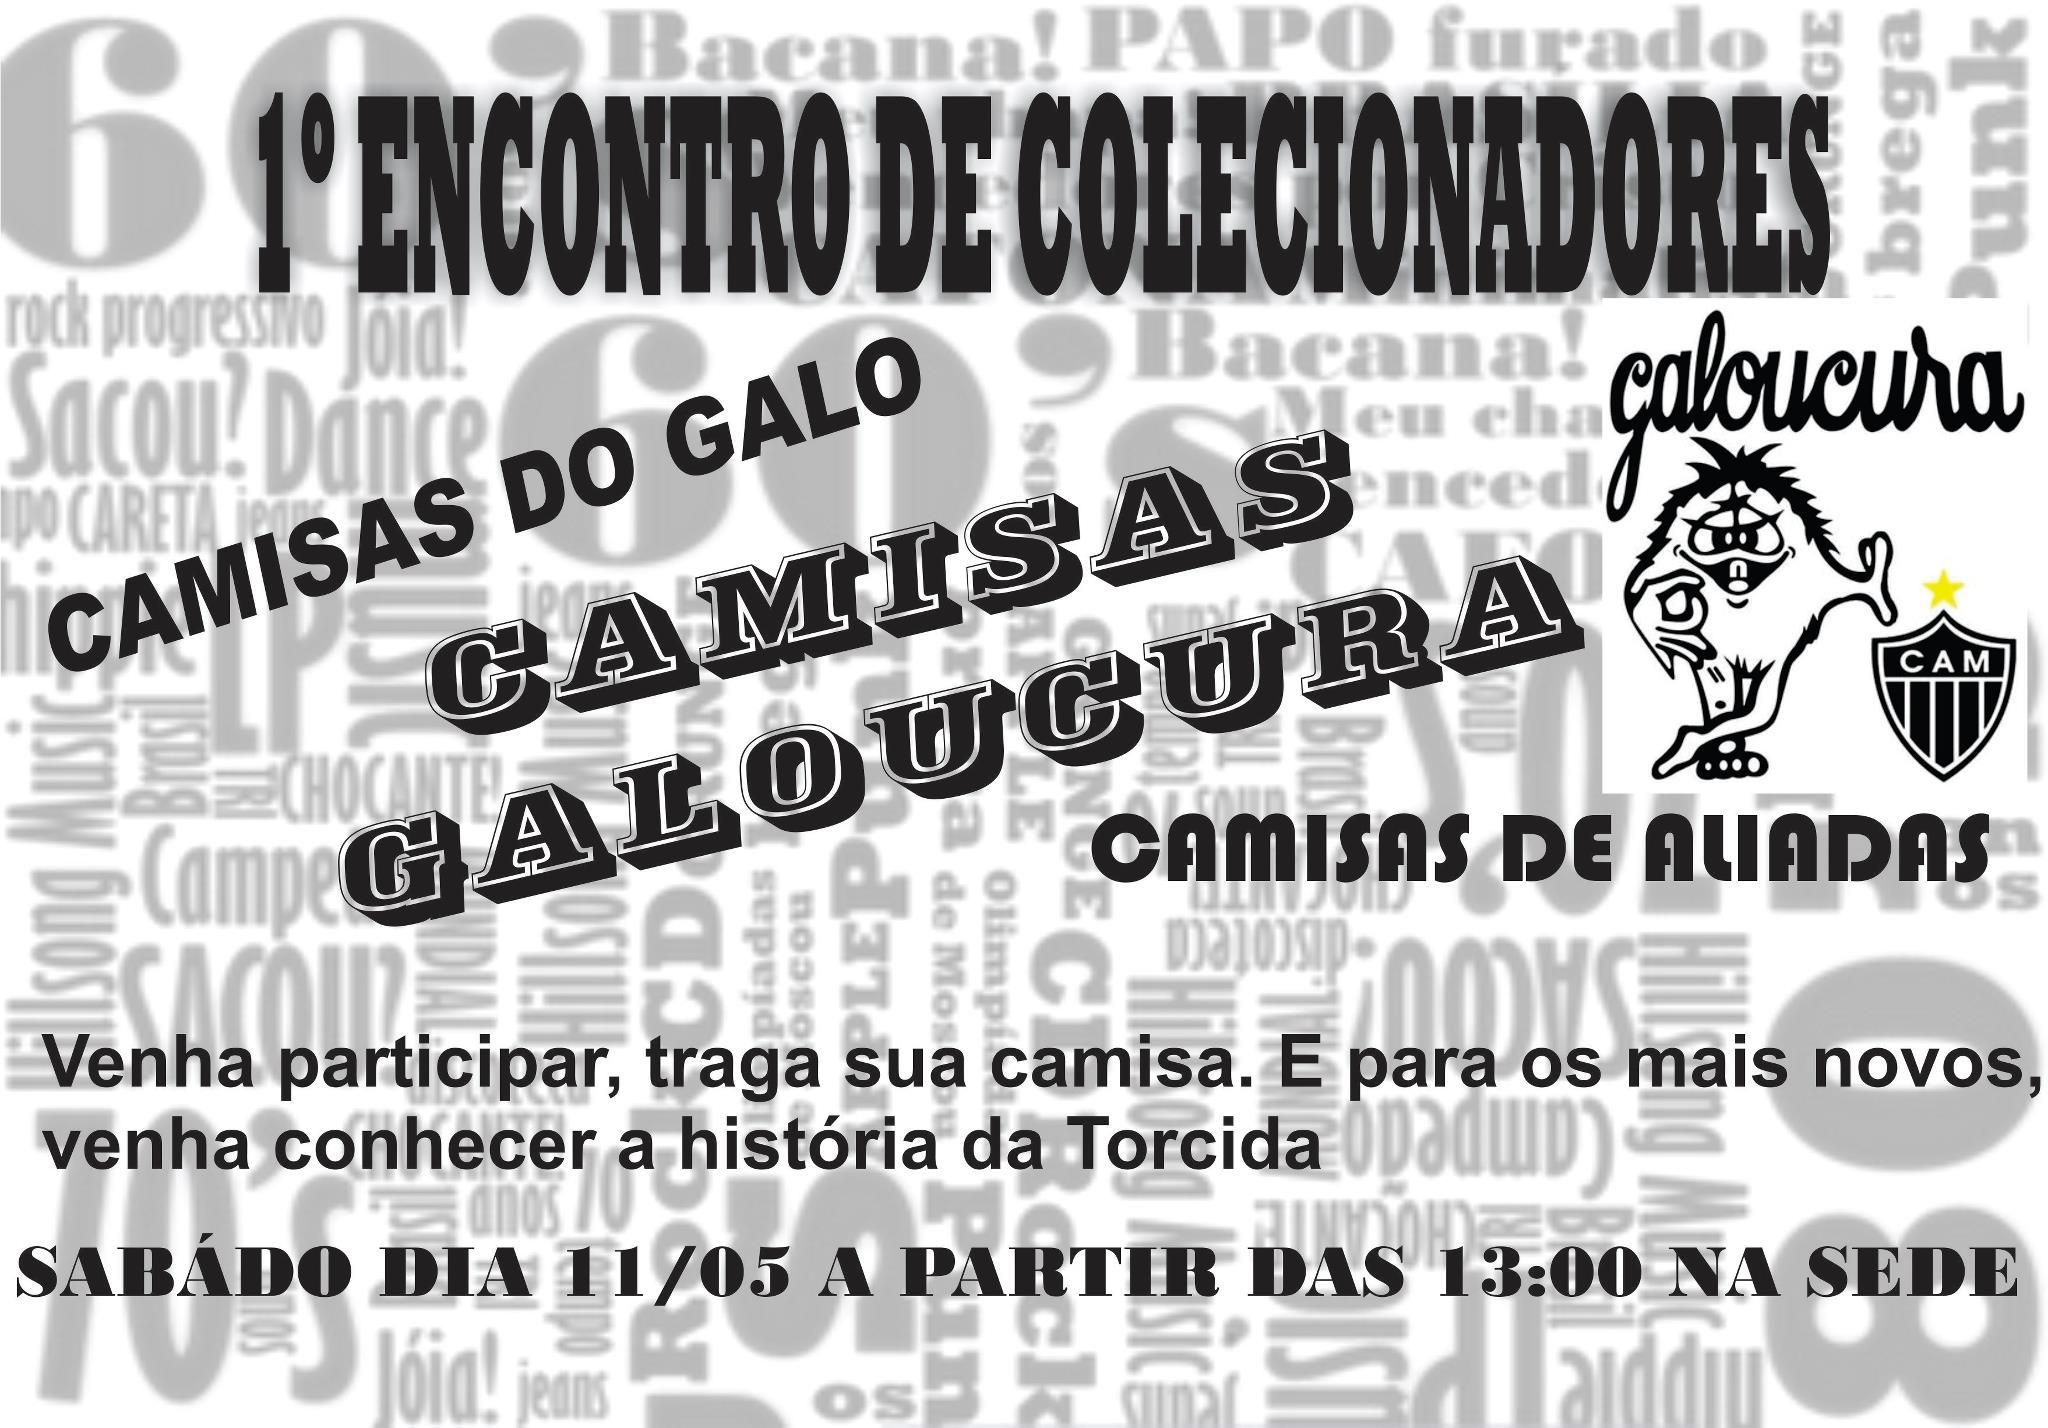 920321 517861404937081 510142418 o Evento da Galoucura reúne colecionadores de camisas de torcidas